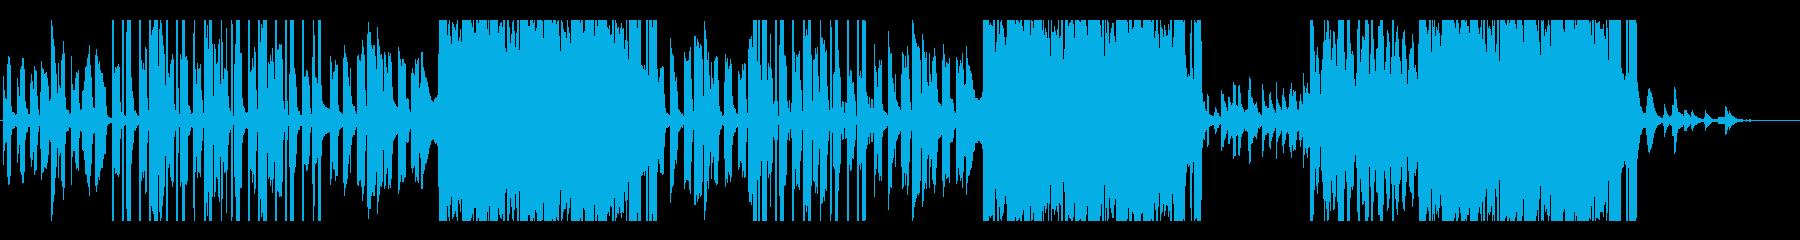 海岸 チルアウト R&B の再生済みの波形